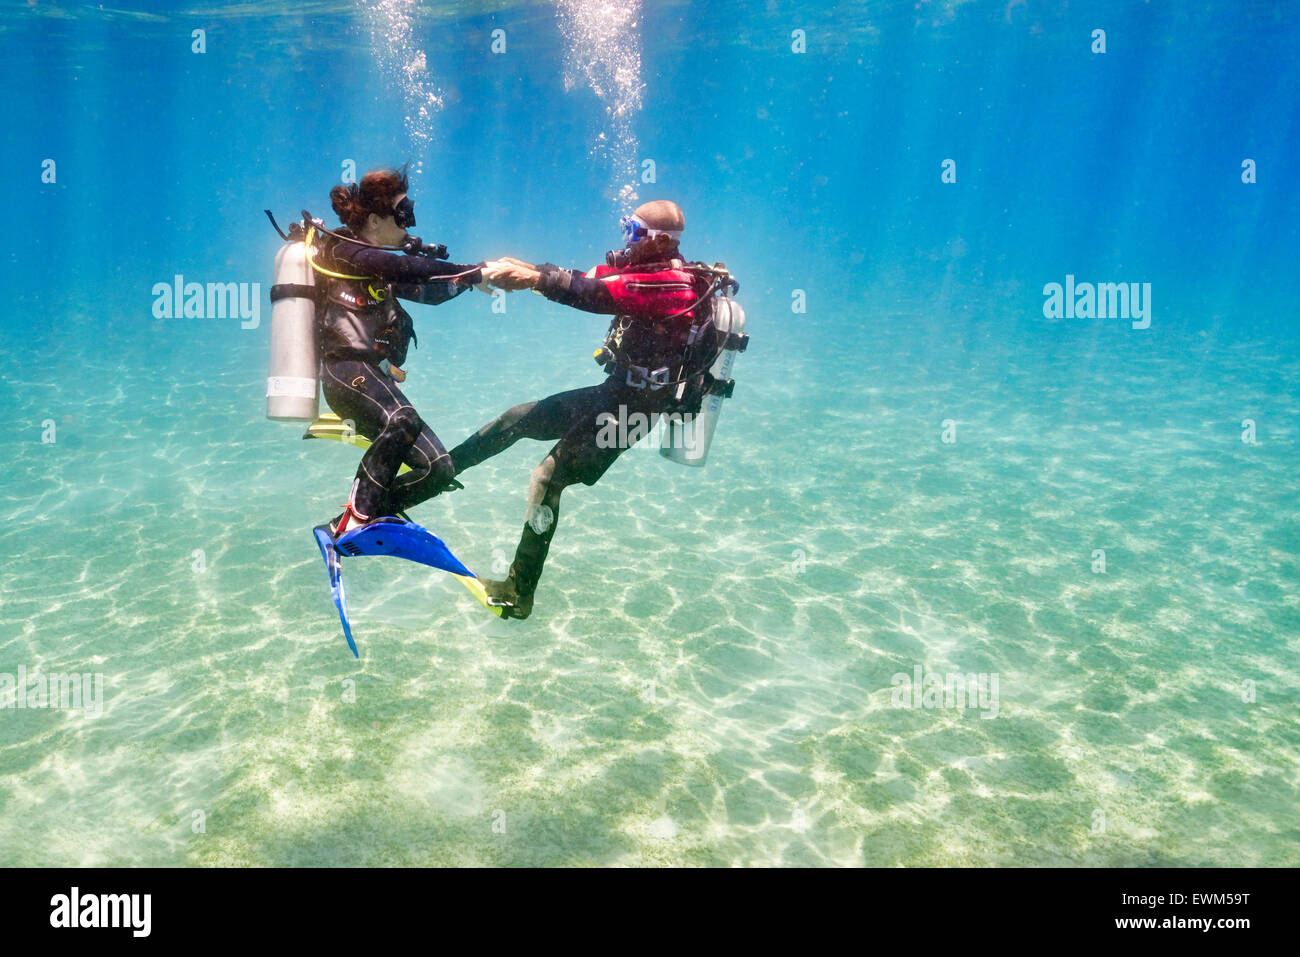 Immersioni con istruttore subacqueo principiante, prima immersione subacquea, Marsa Alam, Mar Rosso, Egitto Immagini Stock